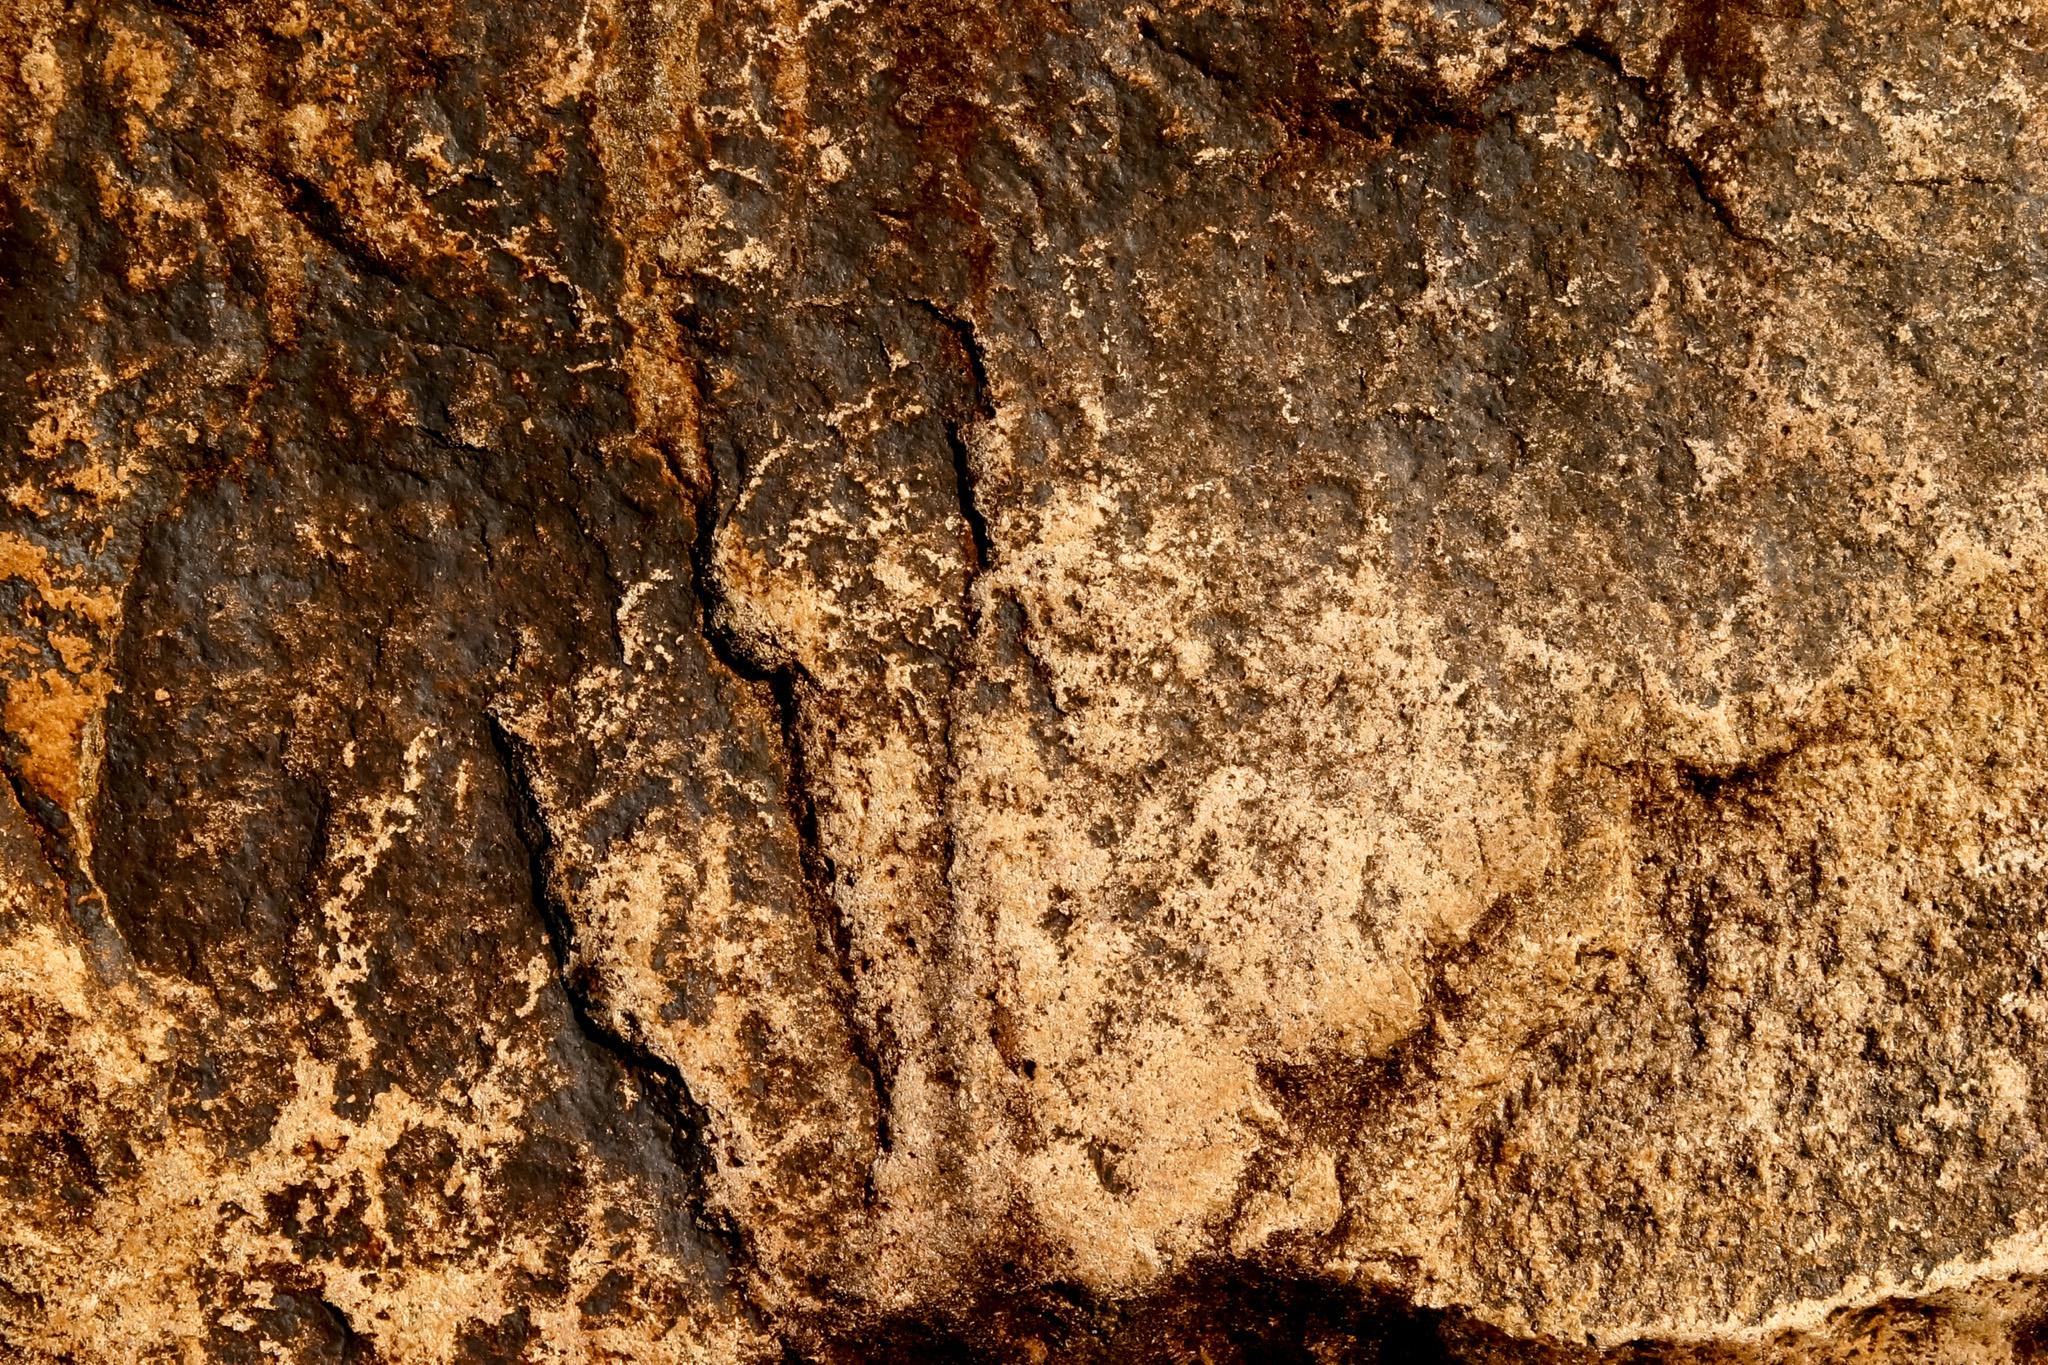 「茶色いザラザラした石」のテクスチャを無料ダウンロード